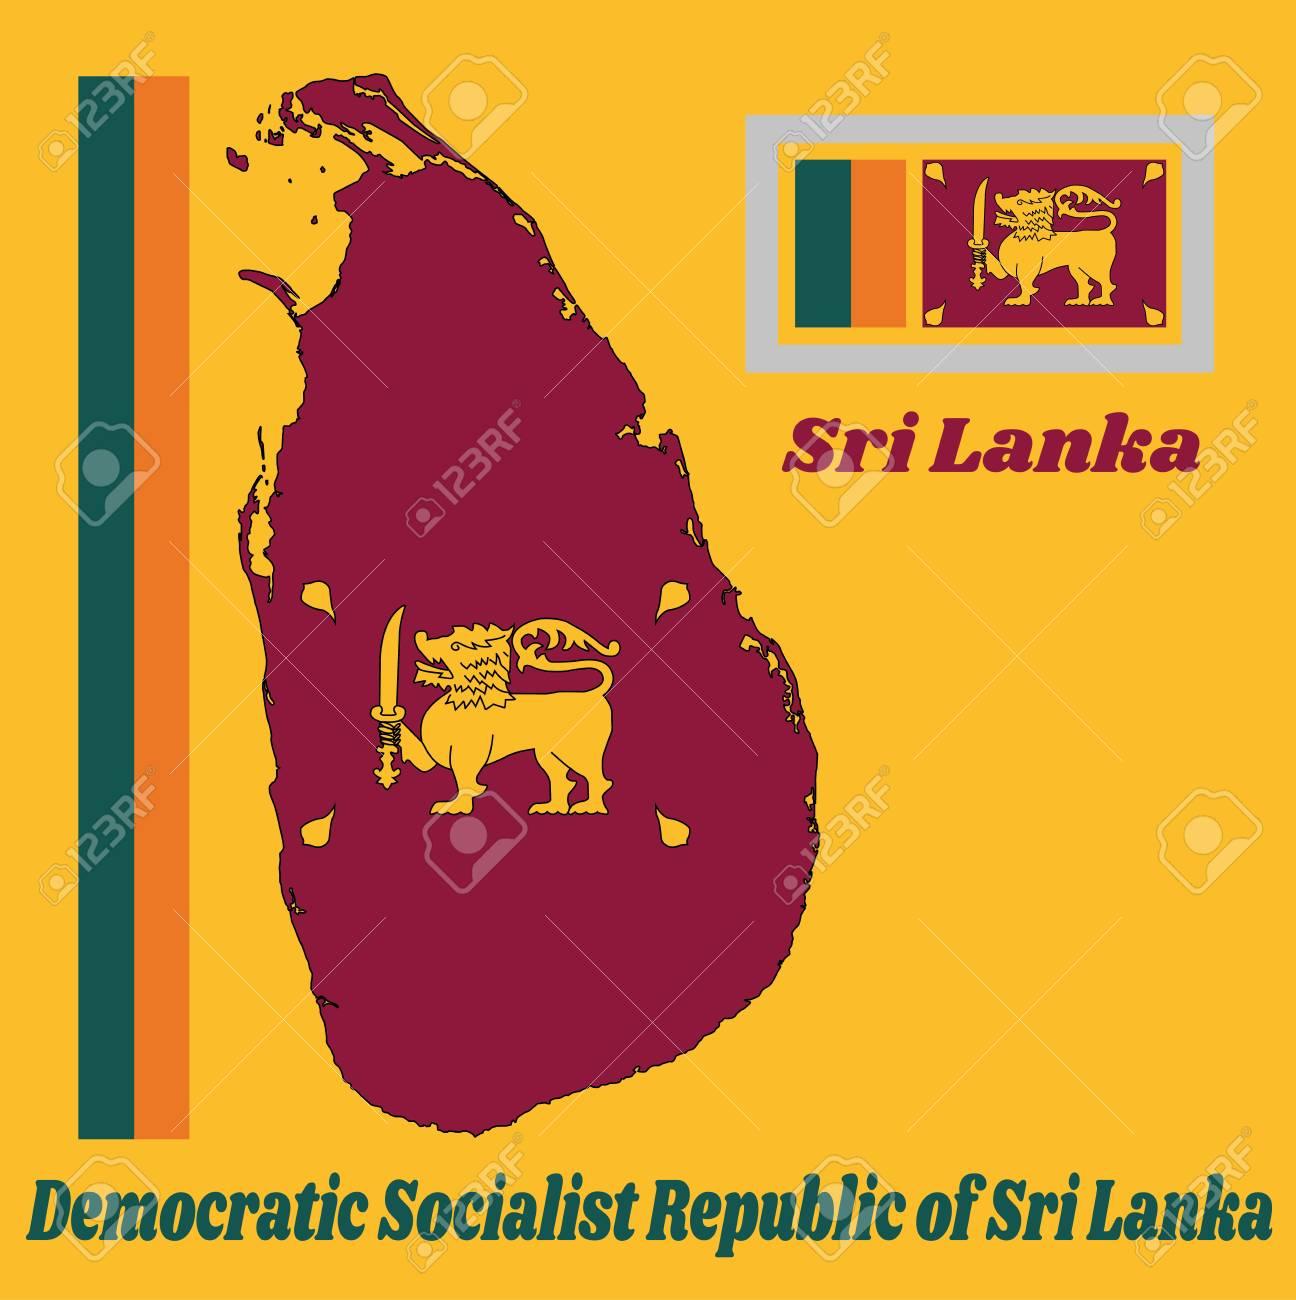 Map Outline And Flag Of Sri Lanka Four Color Of Green Orange Royalty Free Cliparts Vectors And Stock Illustration Image 105664211 Prowadzimy sprzedaż nowych mieszkań i apartamentów w kameralnych i eleganckich inwestycjach. map outline and flag of sri lanka four color of green orange